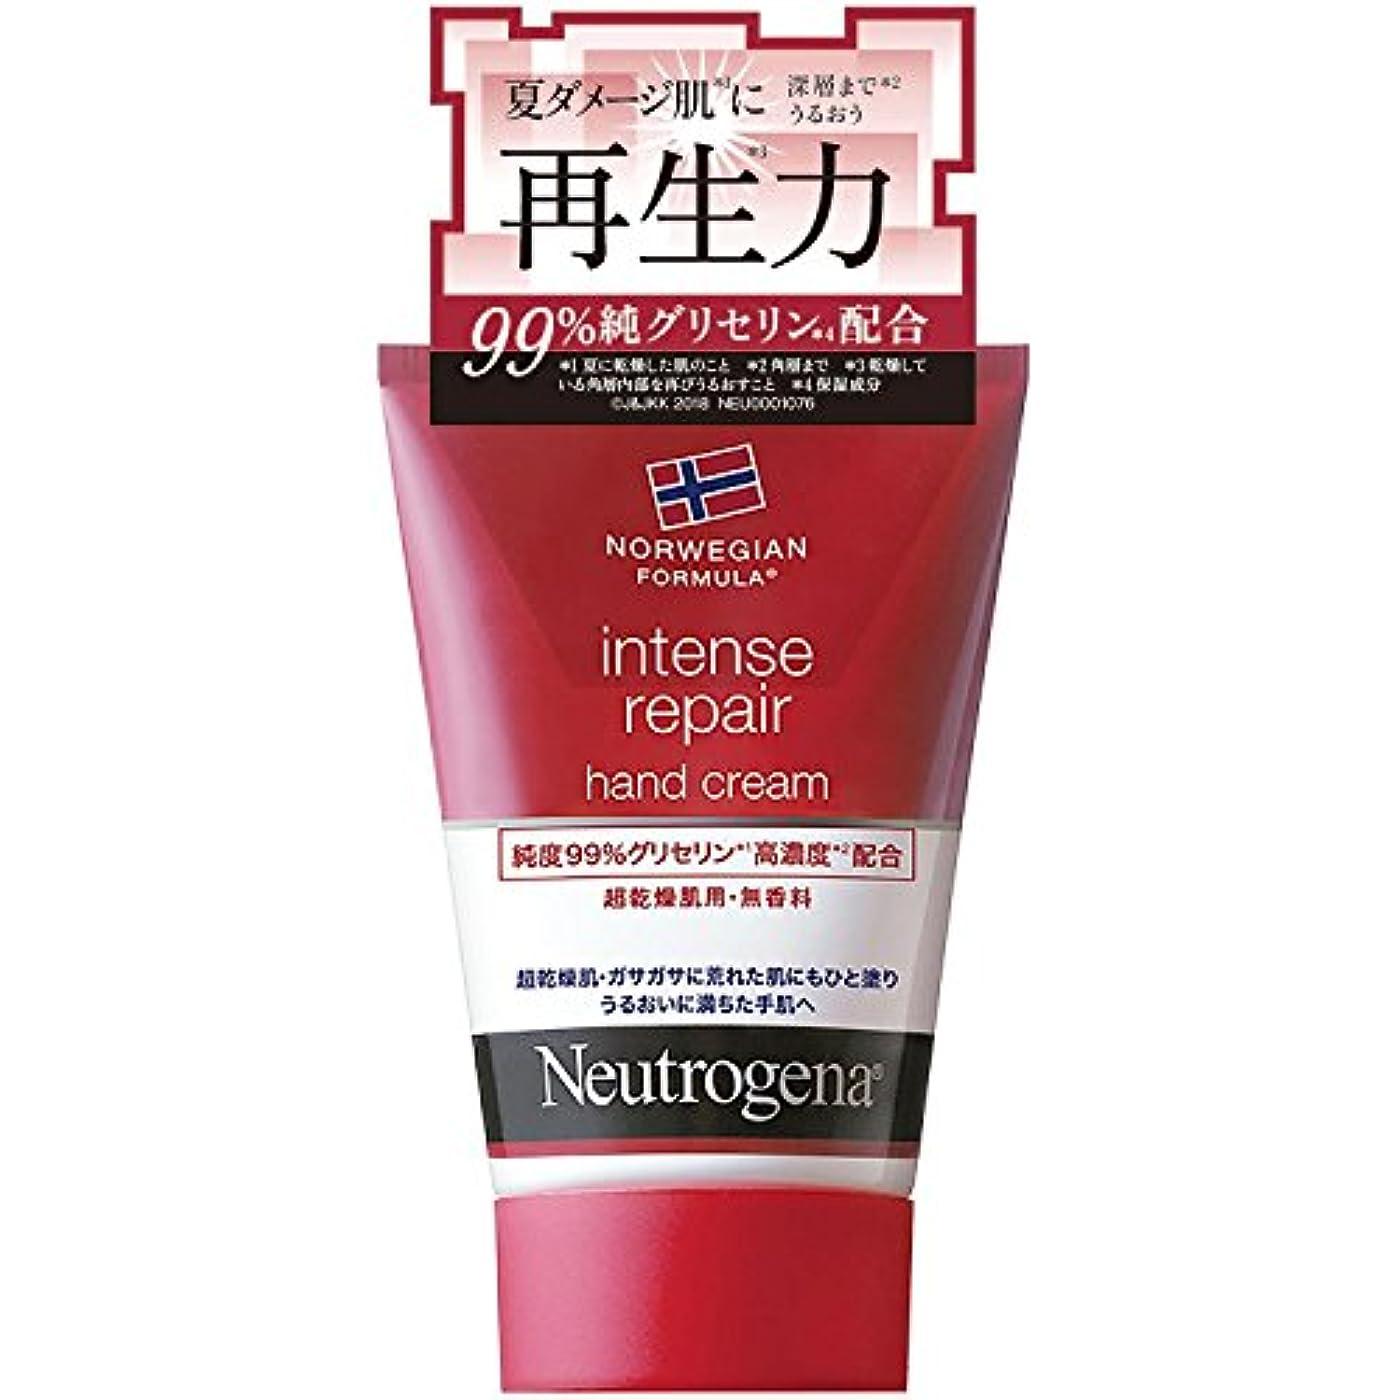 ポップ違う勝つNeutrogena(ニュートロジーナ) ノルウェーフォーミュラ インテンスリペア ハンドクリーム 超乾燥肌用 無香料 単品 50g